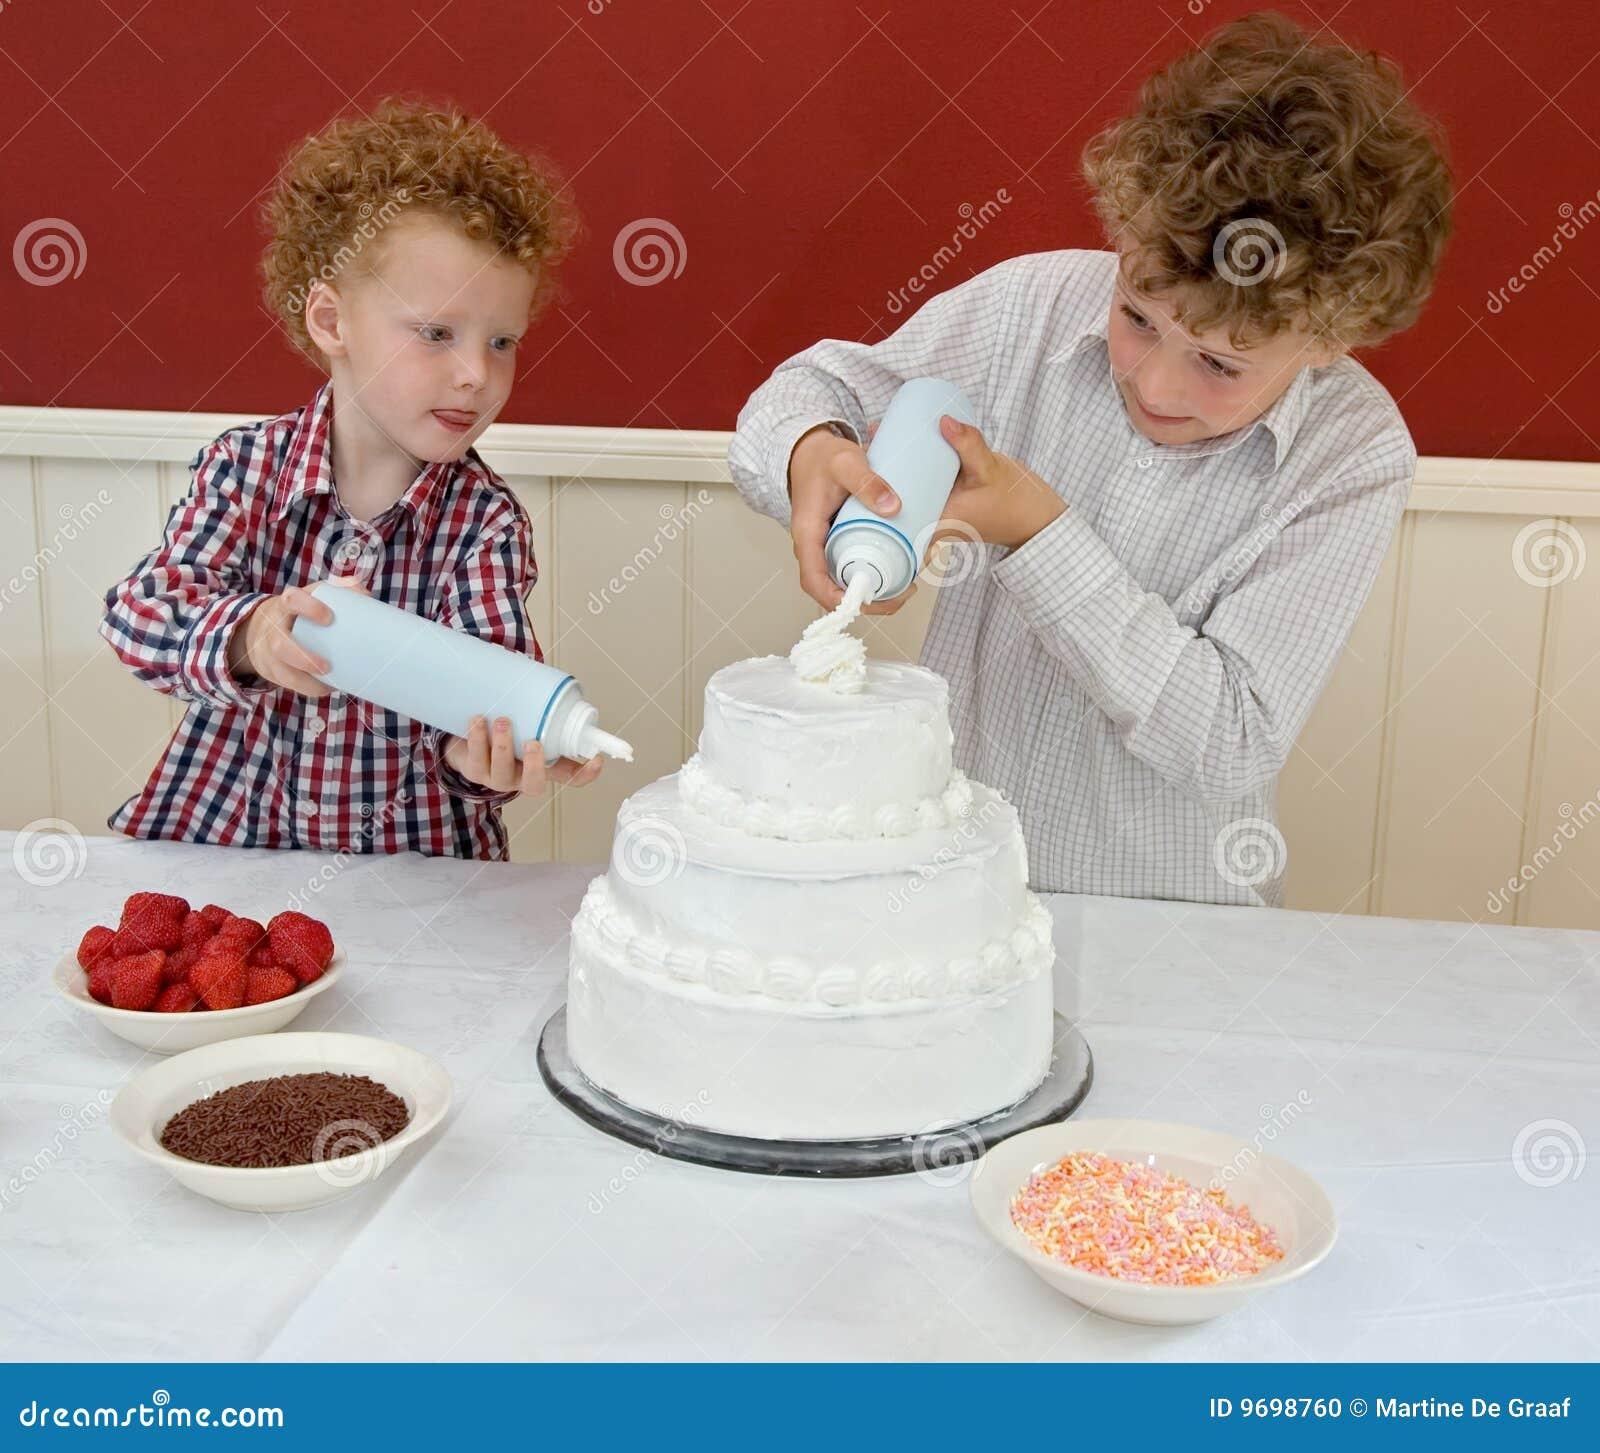 Kinder Die Kuchen Verzieren Stockfoto Bild Von Koche Junge 9698760